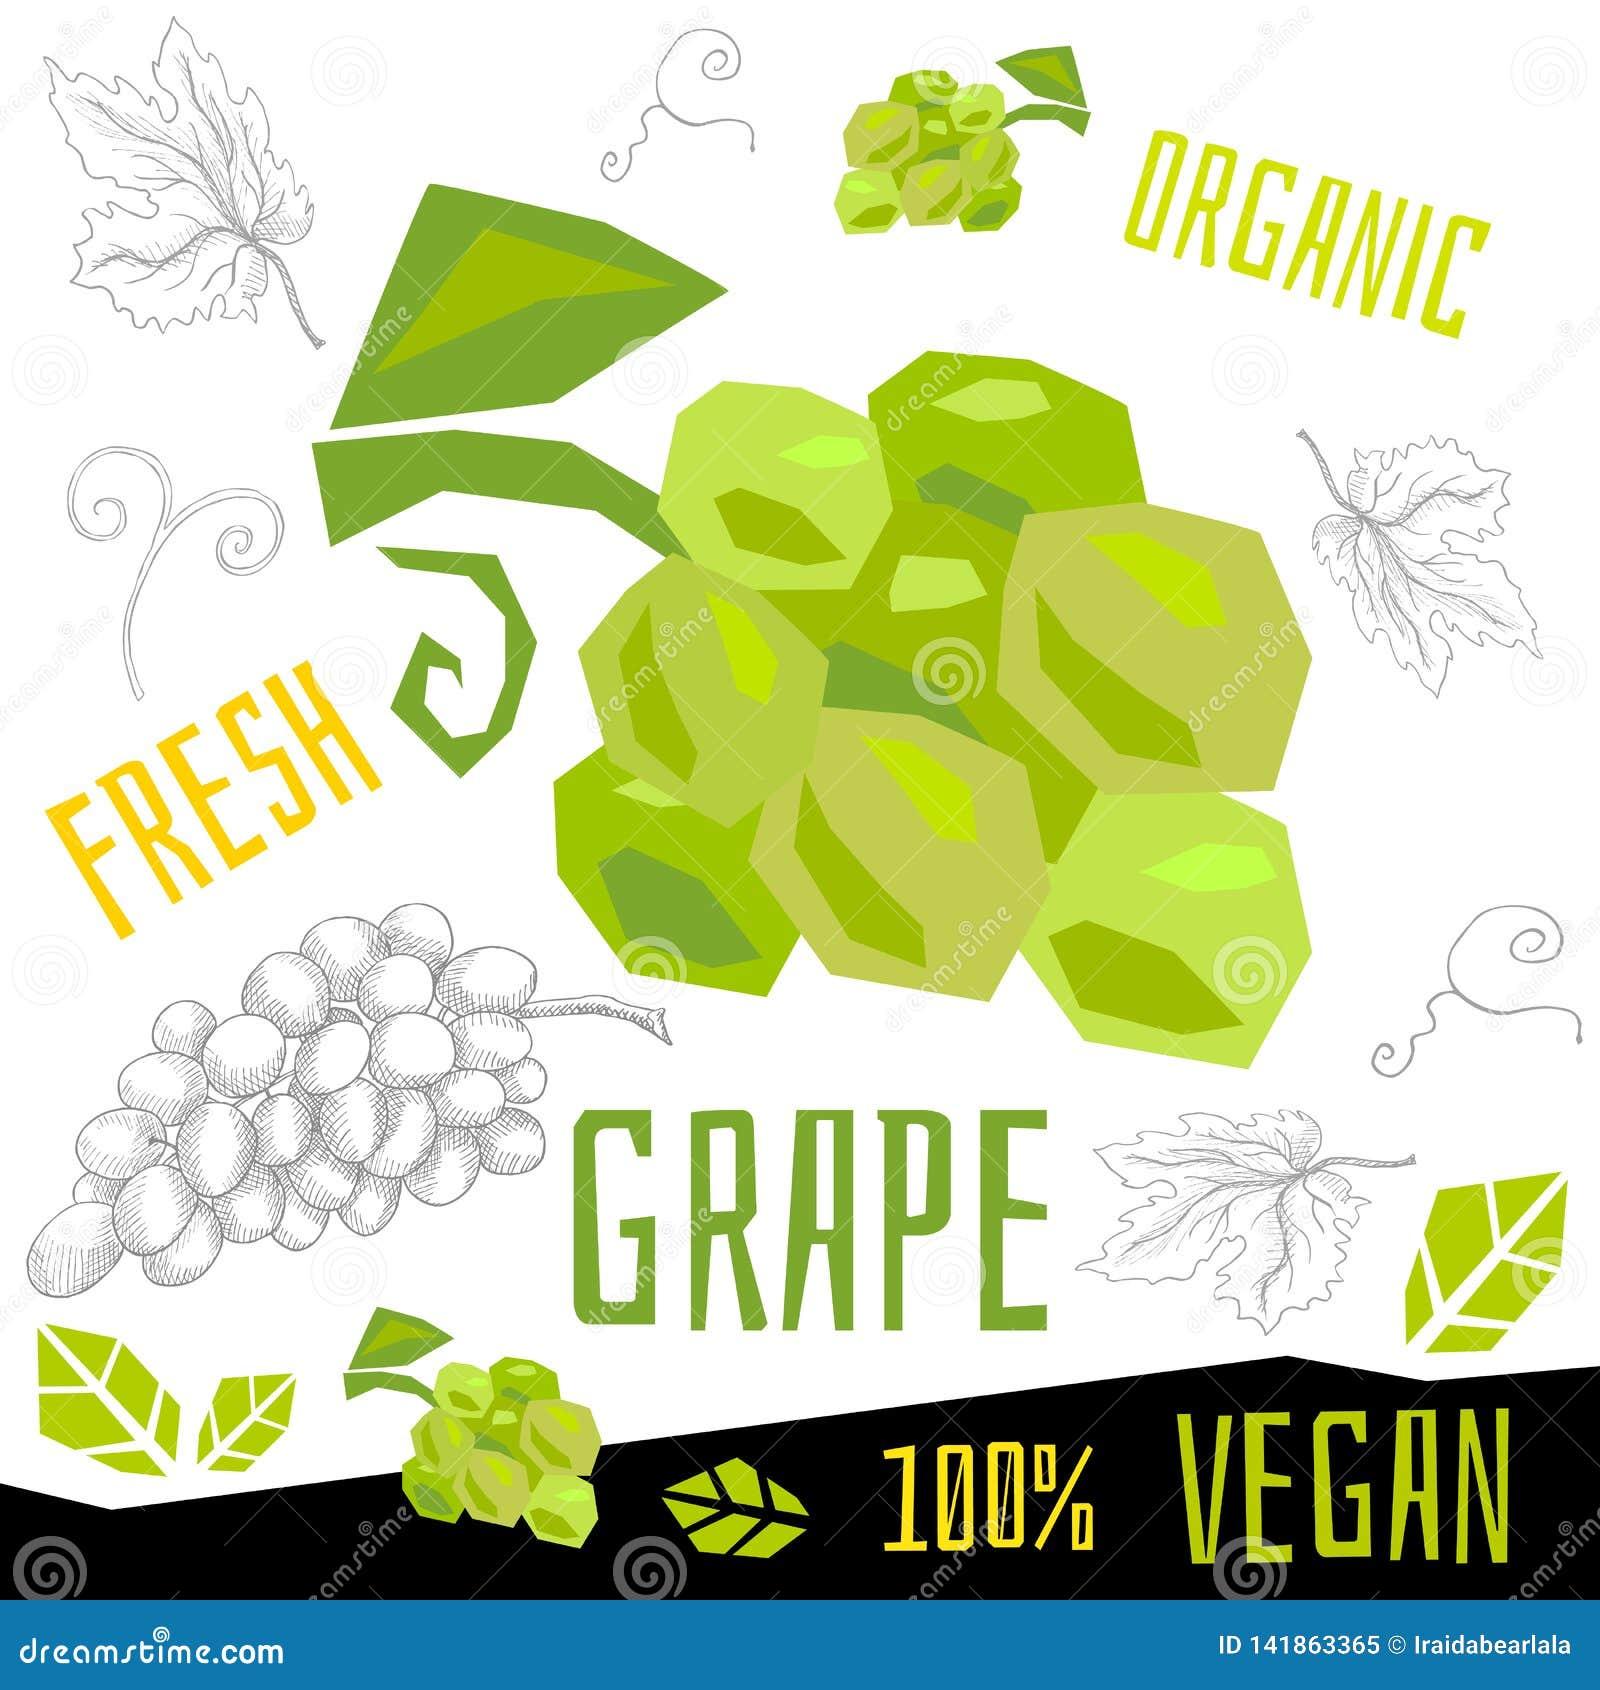 Иллюстрации свежей зрелой руки вектора еды vegan плодов виноградин виноградины органической вычерченные